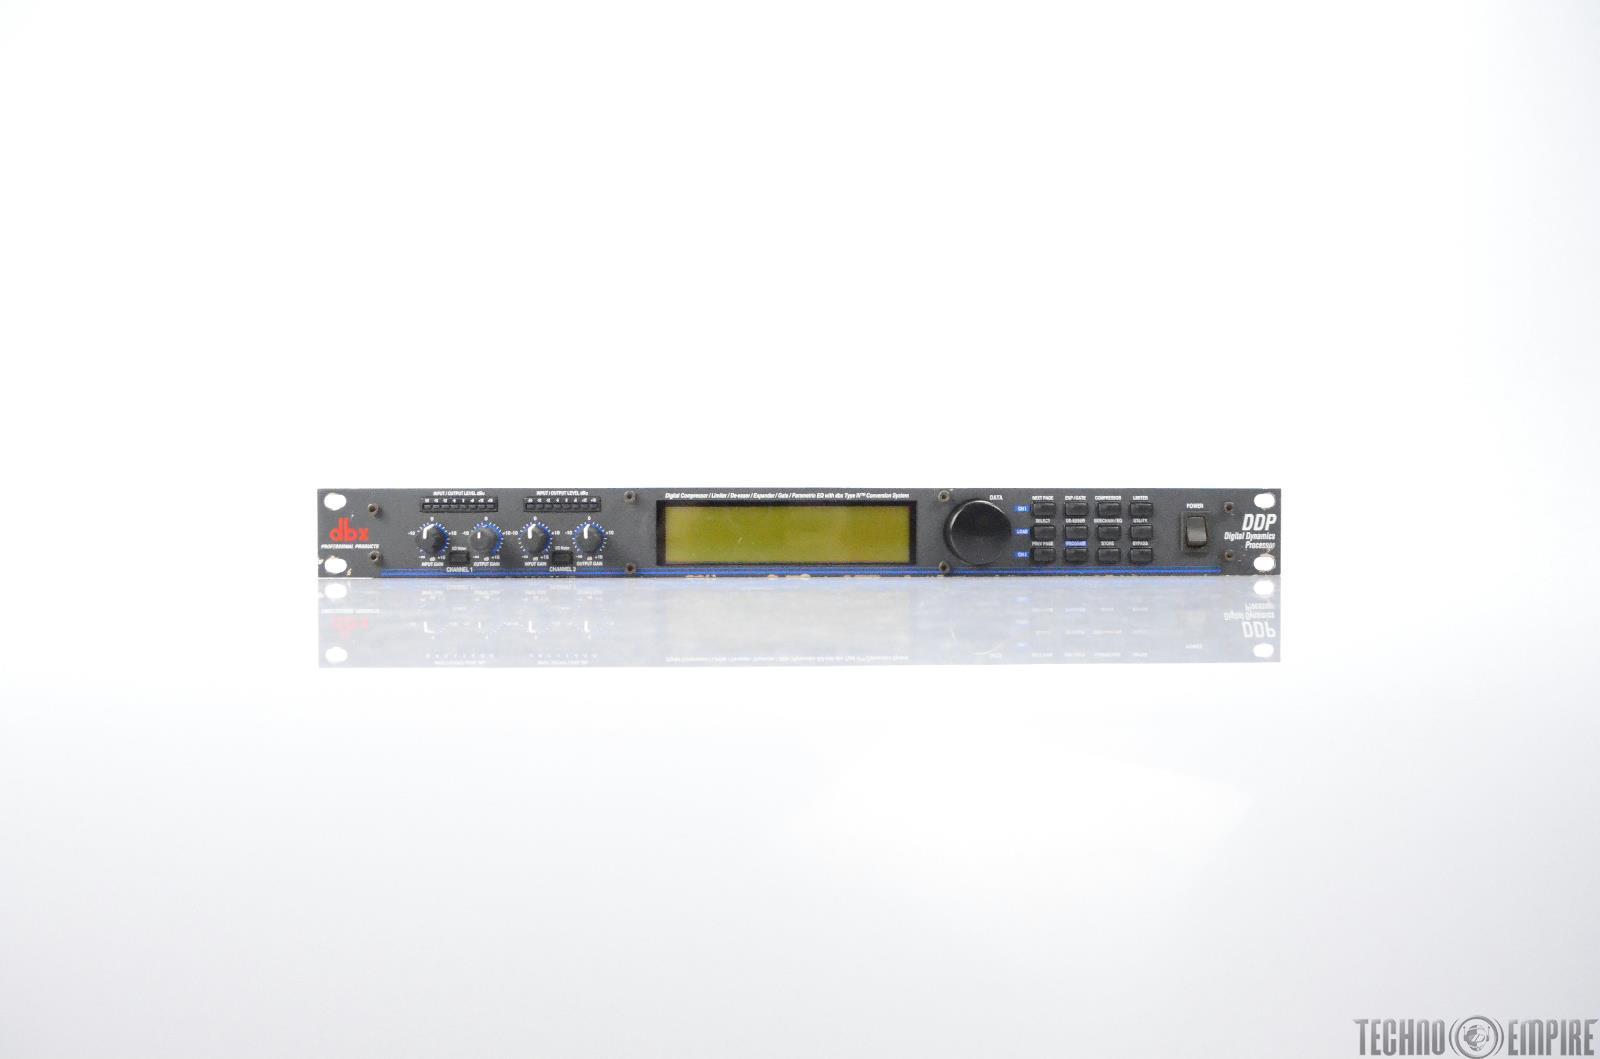 DBX DDP Digital Dynamics Processor Digital Compressor De-Esser Expander #31318